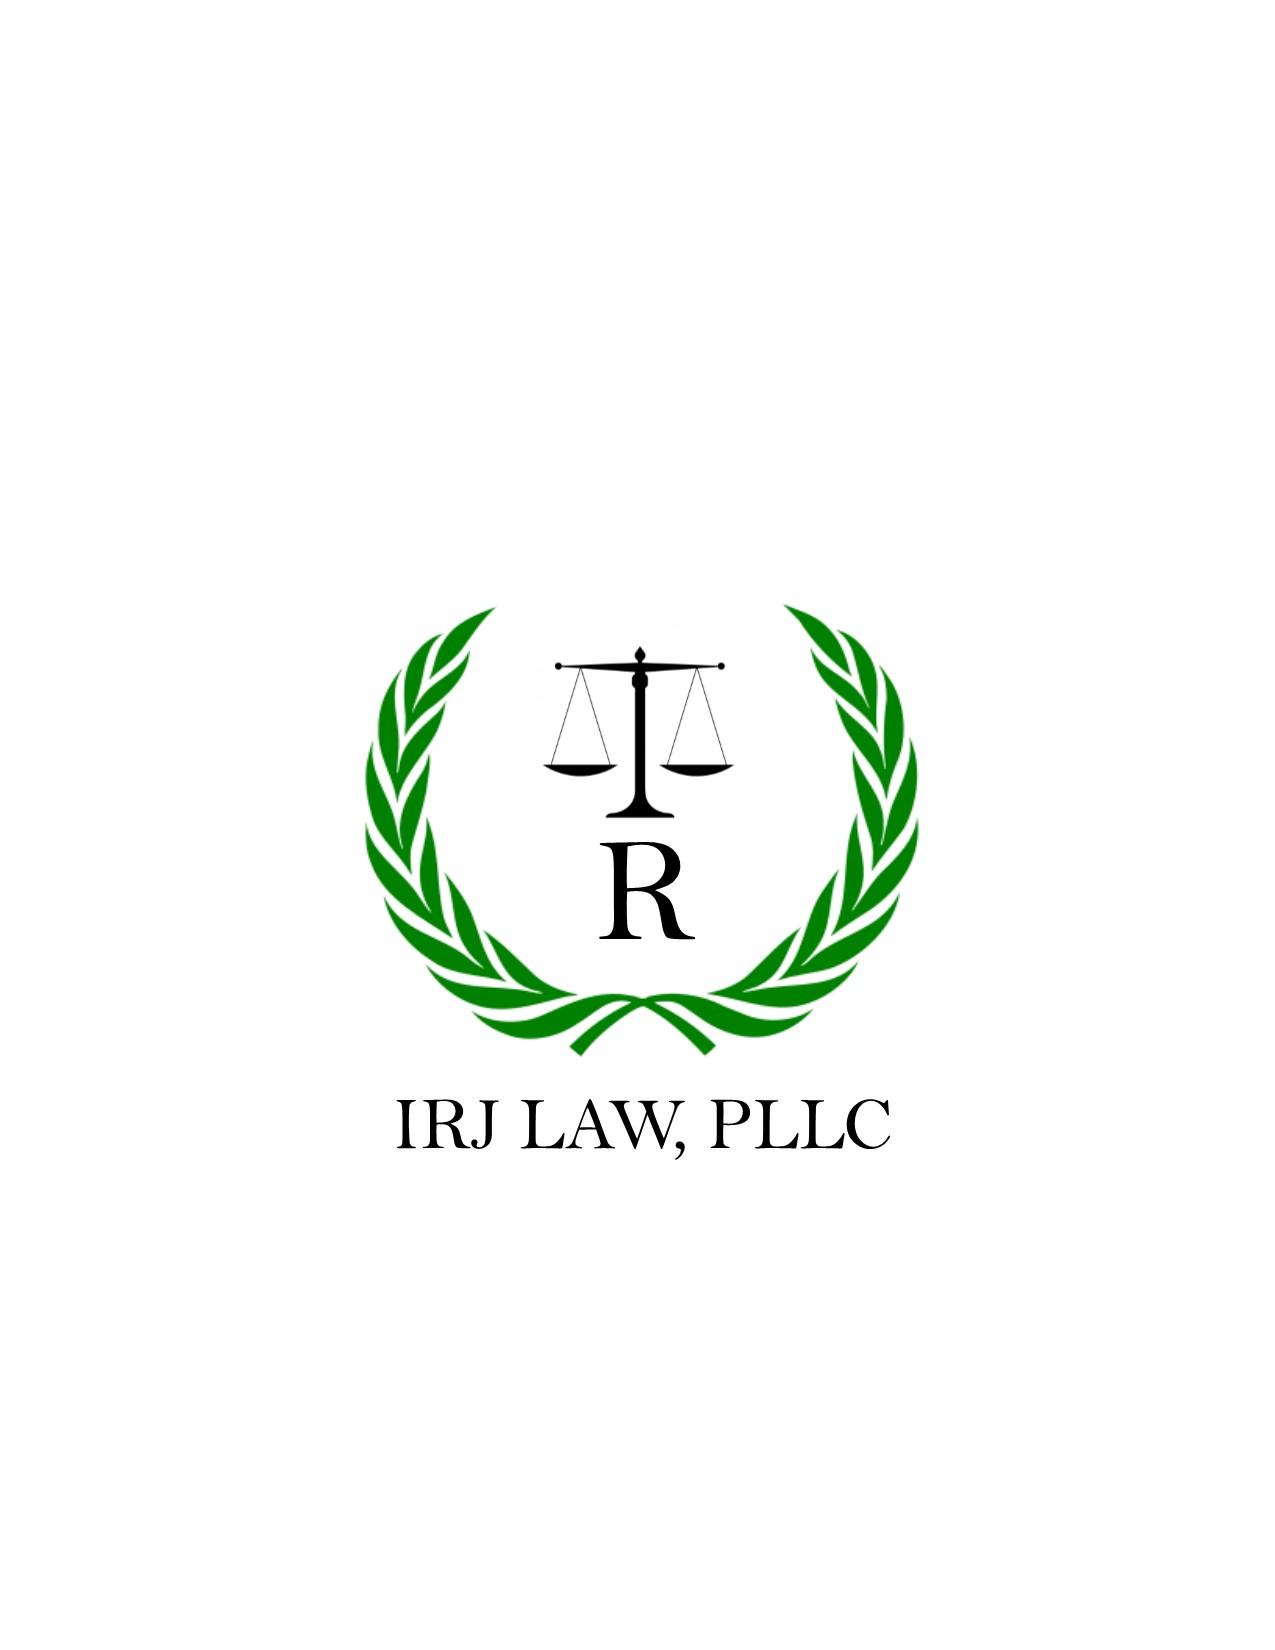 IRJ Law